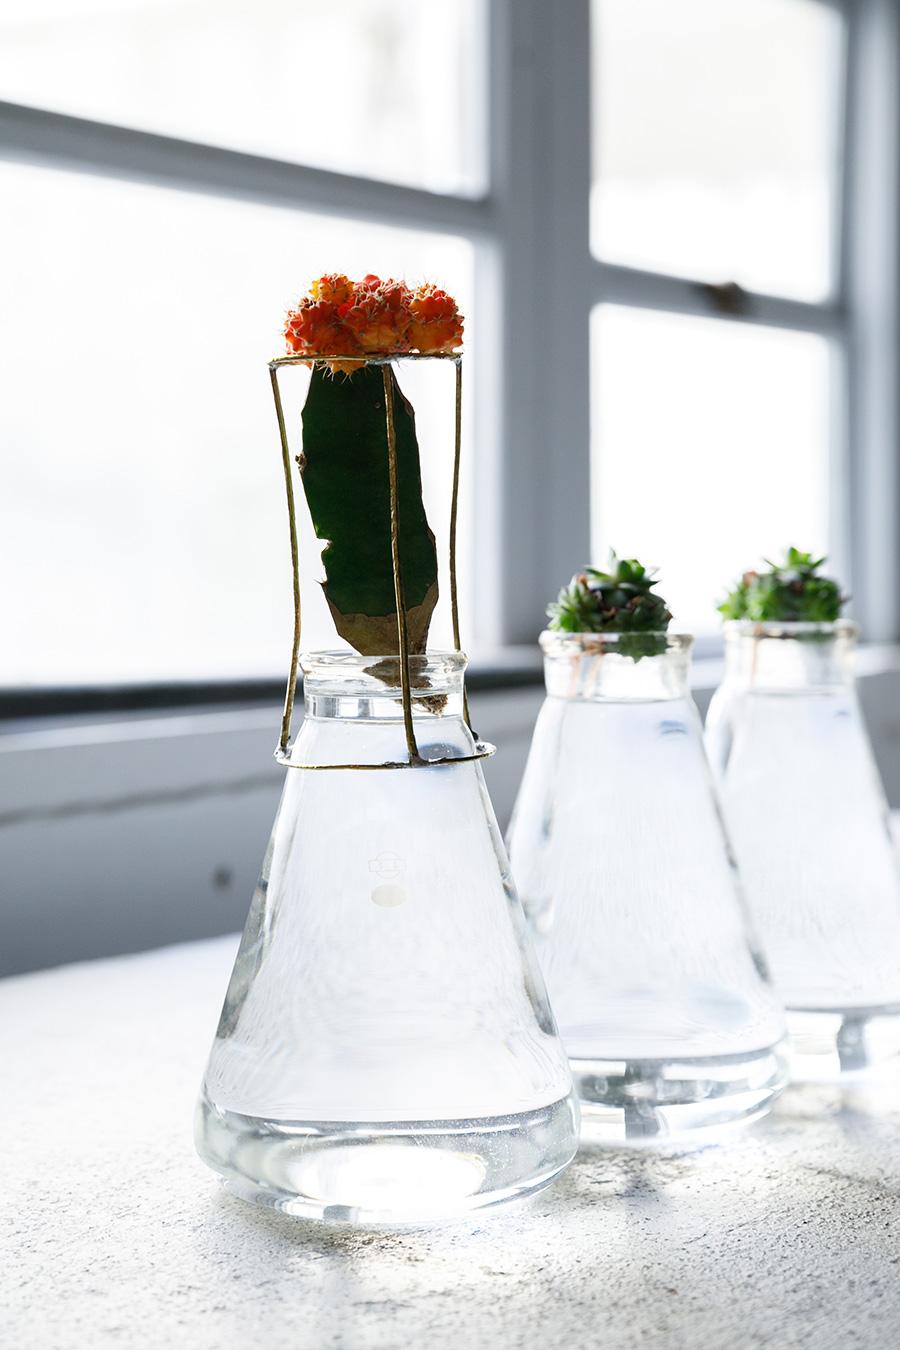 スタンドを使いサボテンを立たせる。酸素を含んだたっぷりの水で育てると、水耕栽培が成功しやすい。